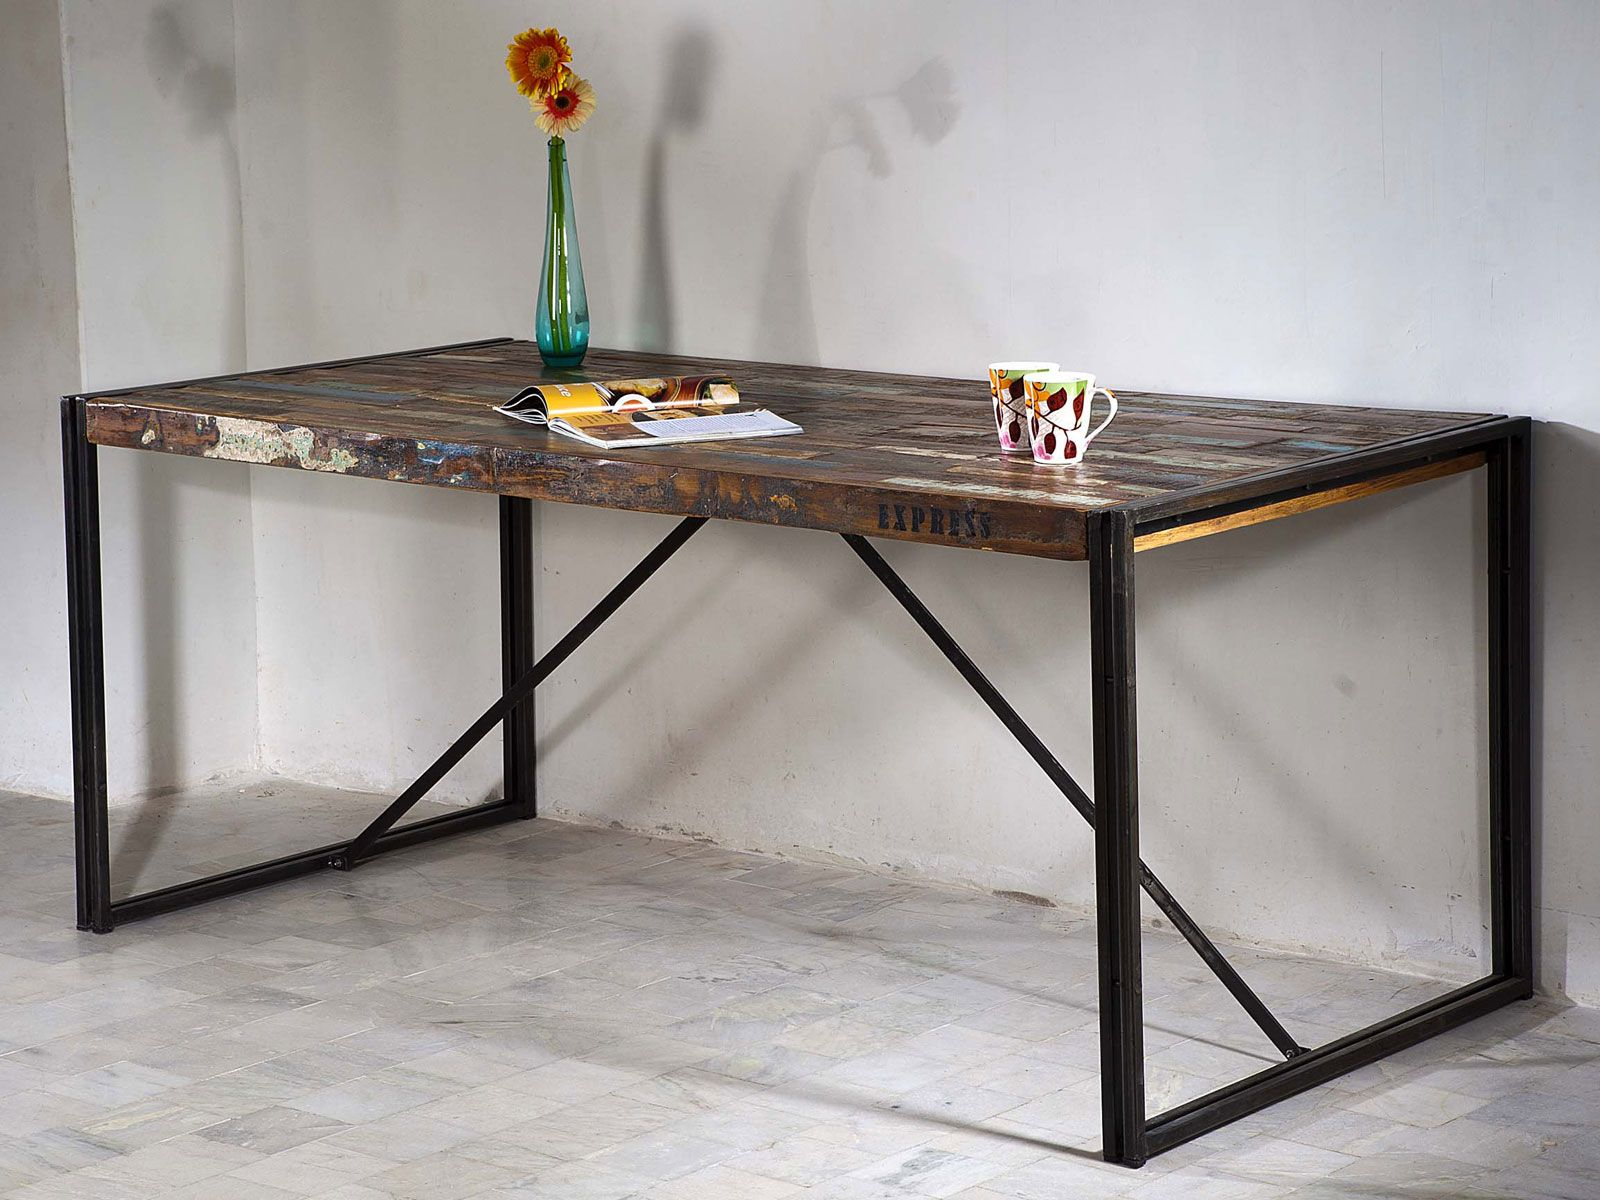 Holzplatte tisch kaufen perfect sekretr kamill paulownia for Esstisch quebec